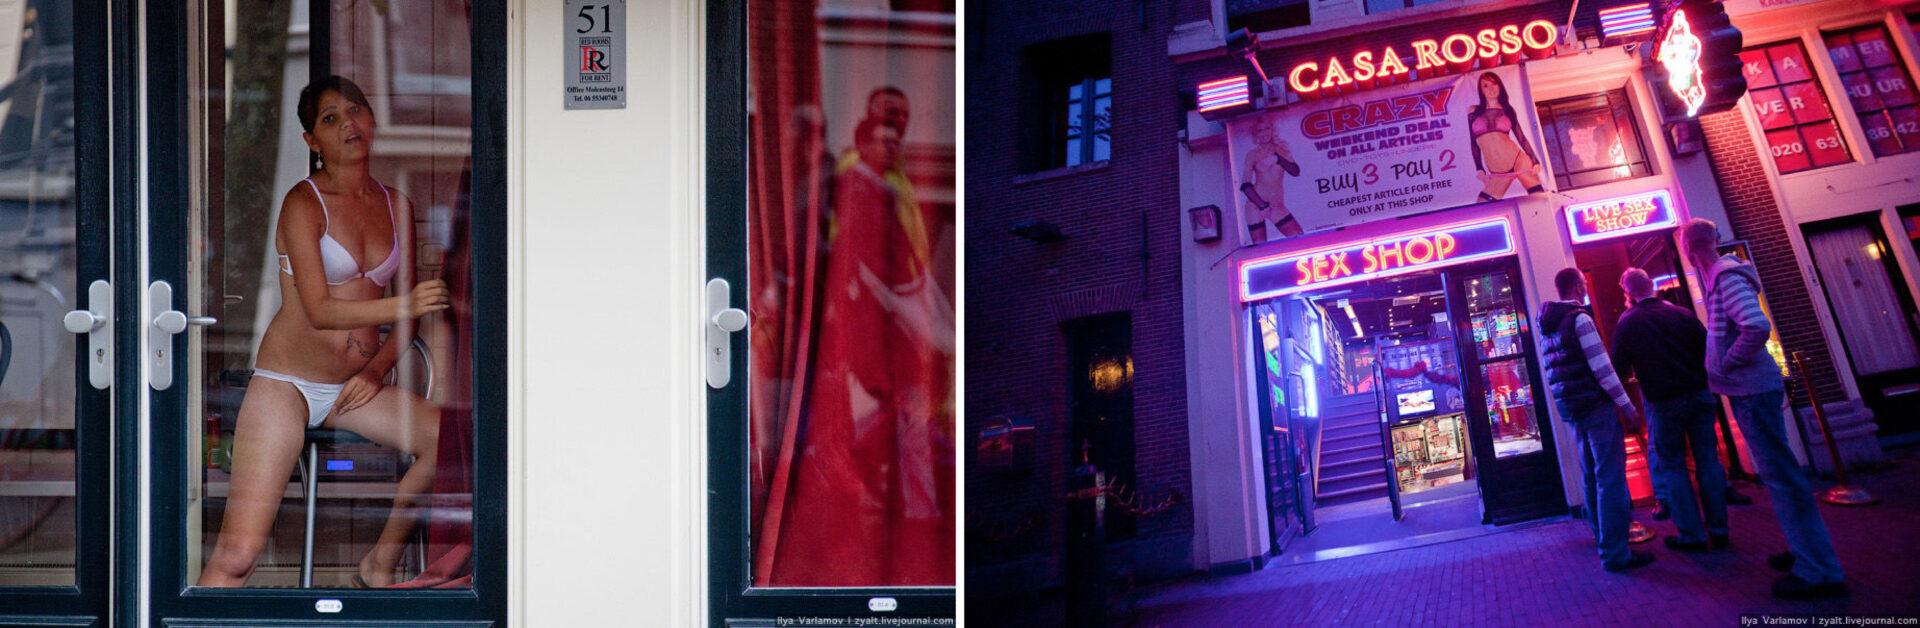 проститутки амстердама видео - 5